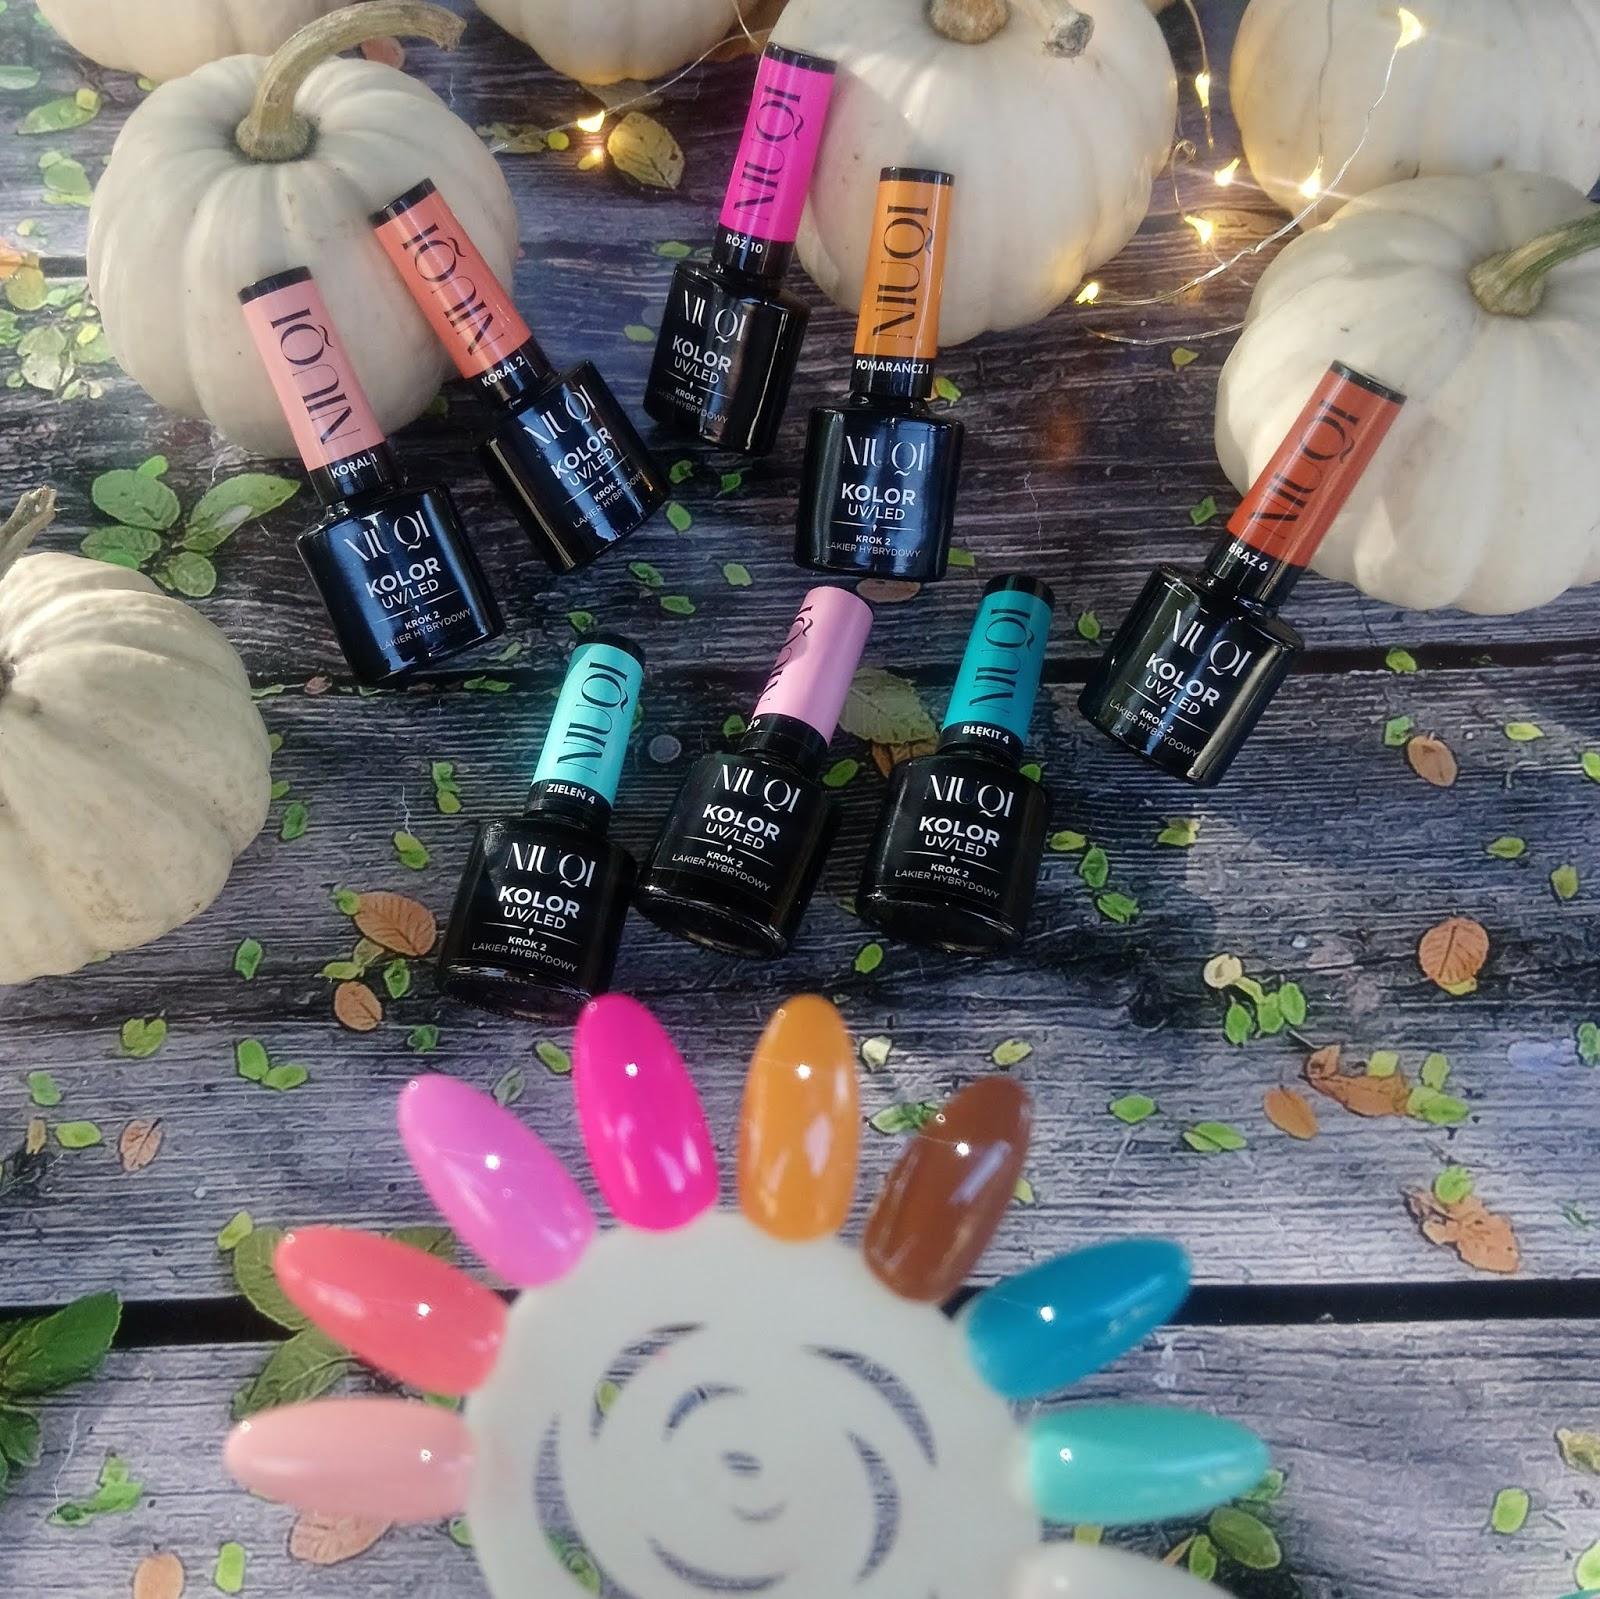 Kolorowy Swiat Terii Niuqi Jesienna Kolekcja 8 Kolorow